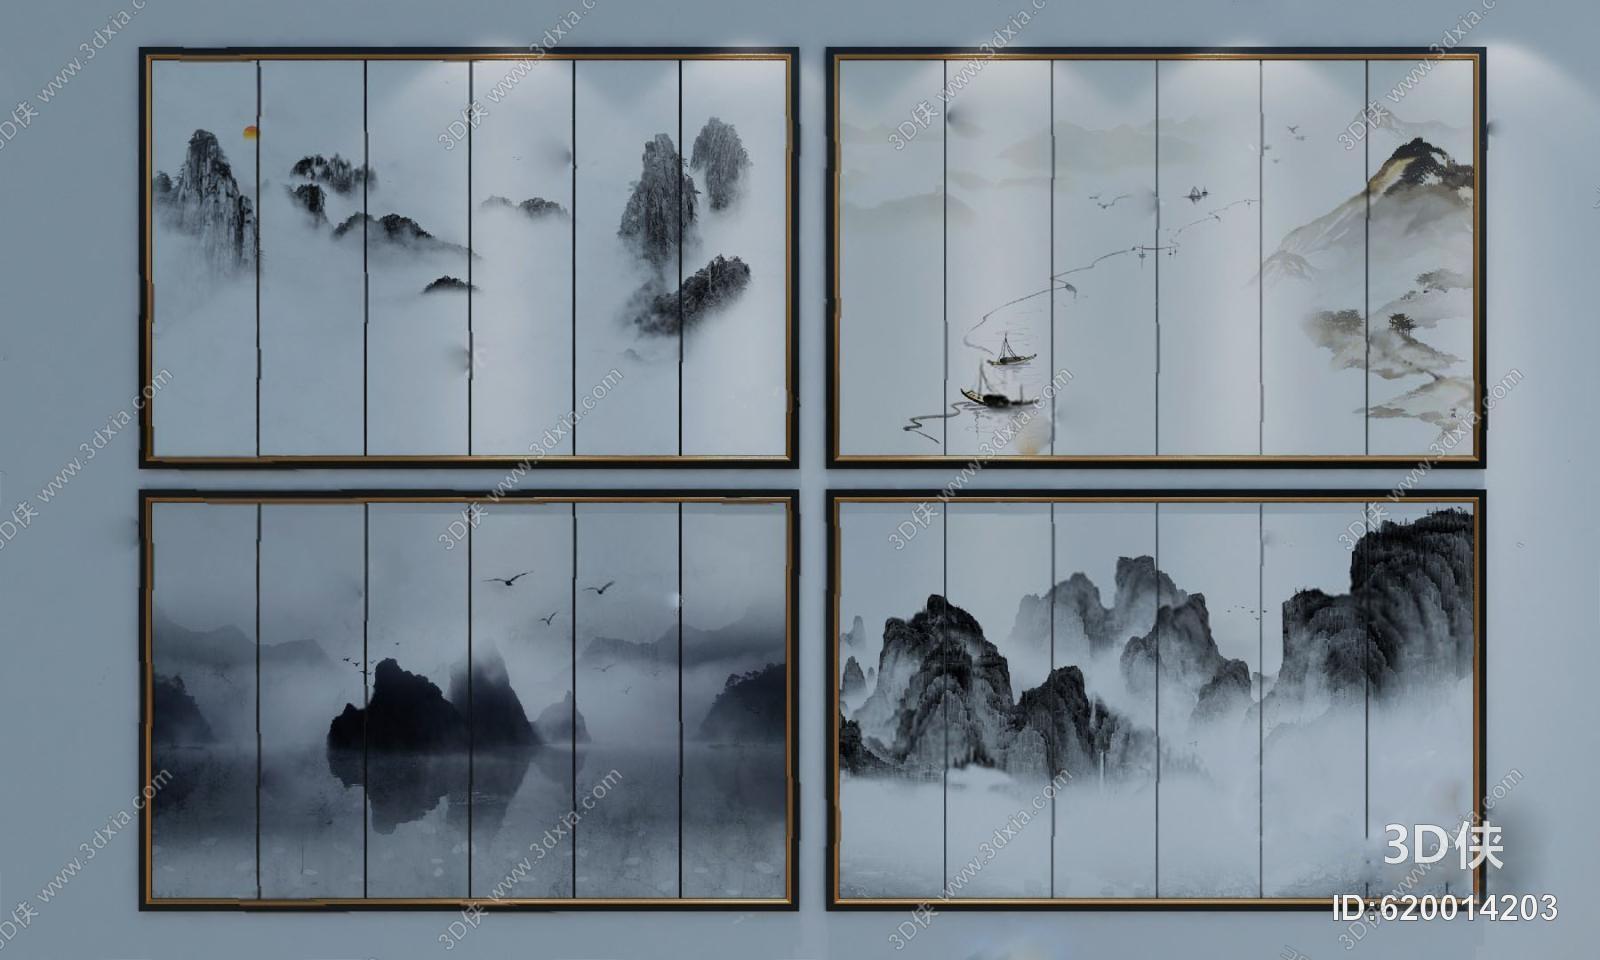 格式是max2010,建议使用3dmax 2012 软件打开,该新中式墙绘图片素材